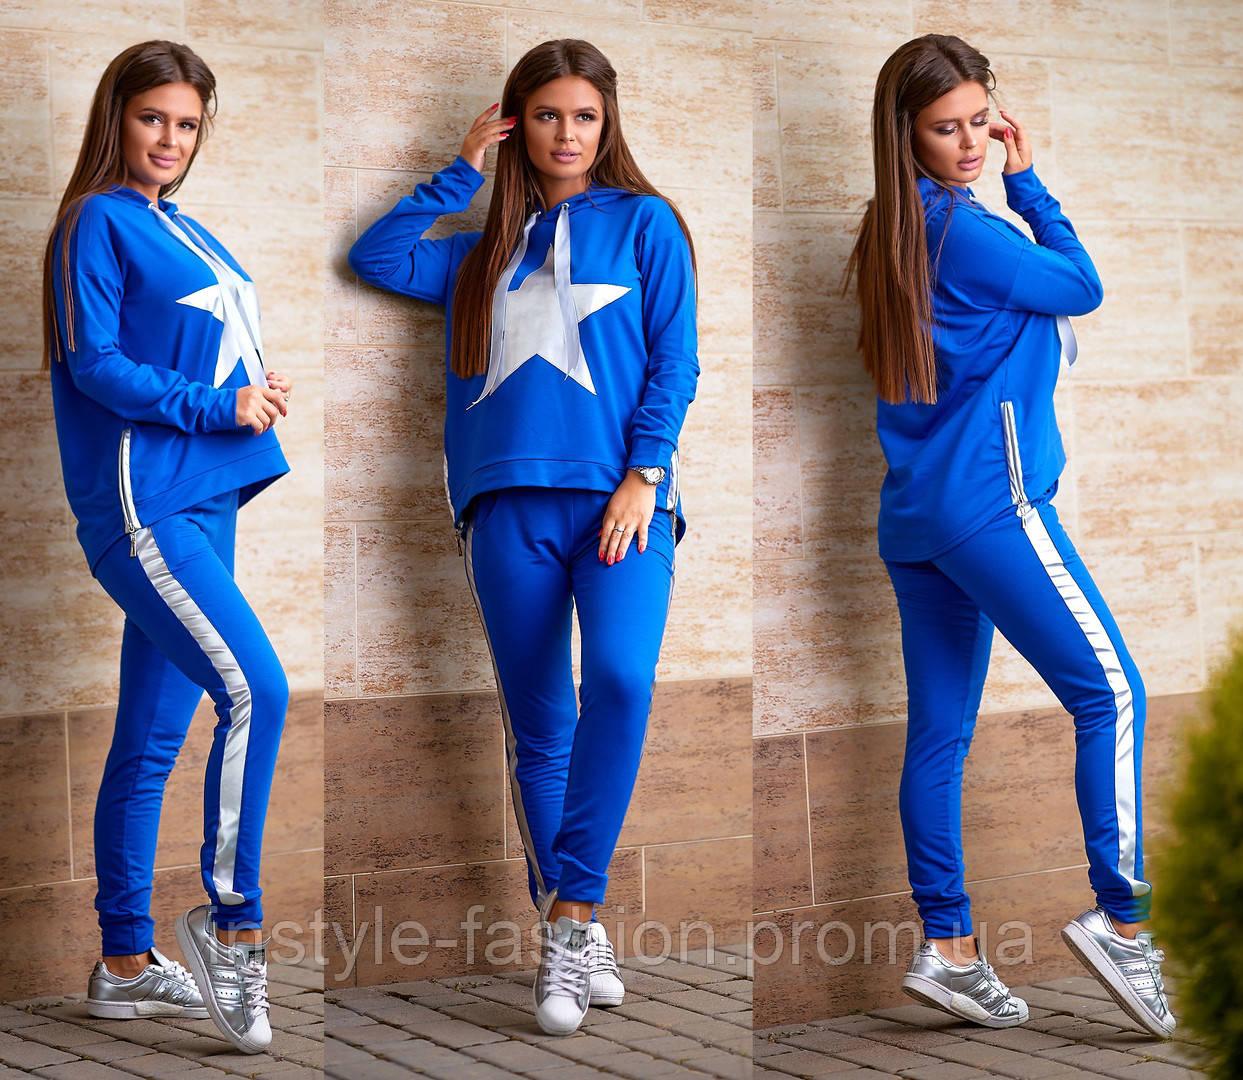 Женский спортивный костюм со звездой ткань двухнитка+ эко-кожа до 58 размера синий